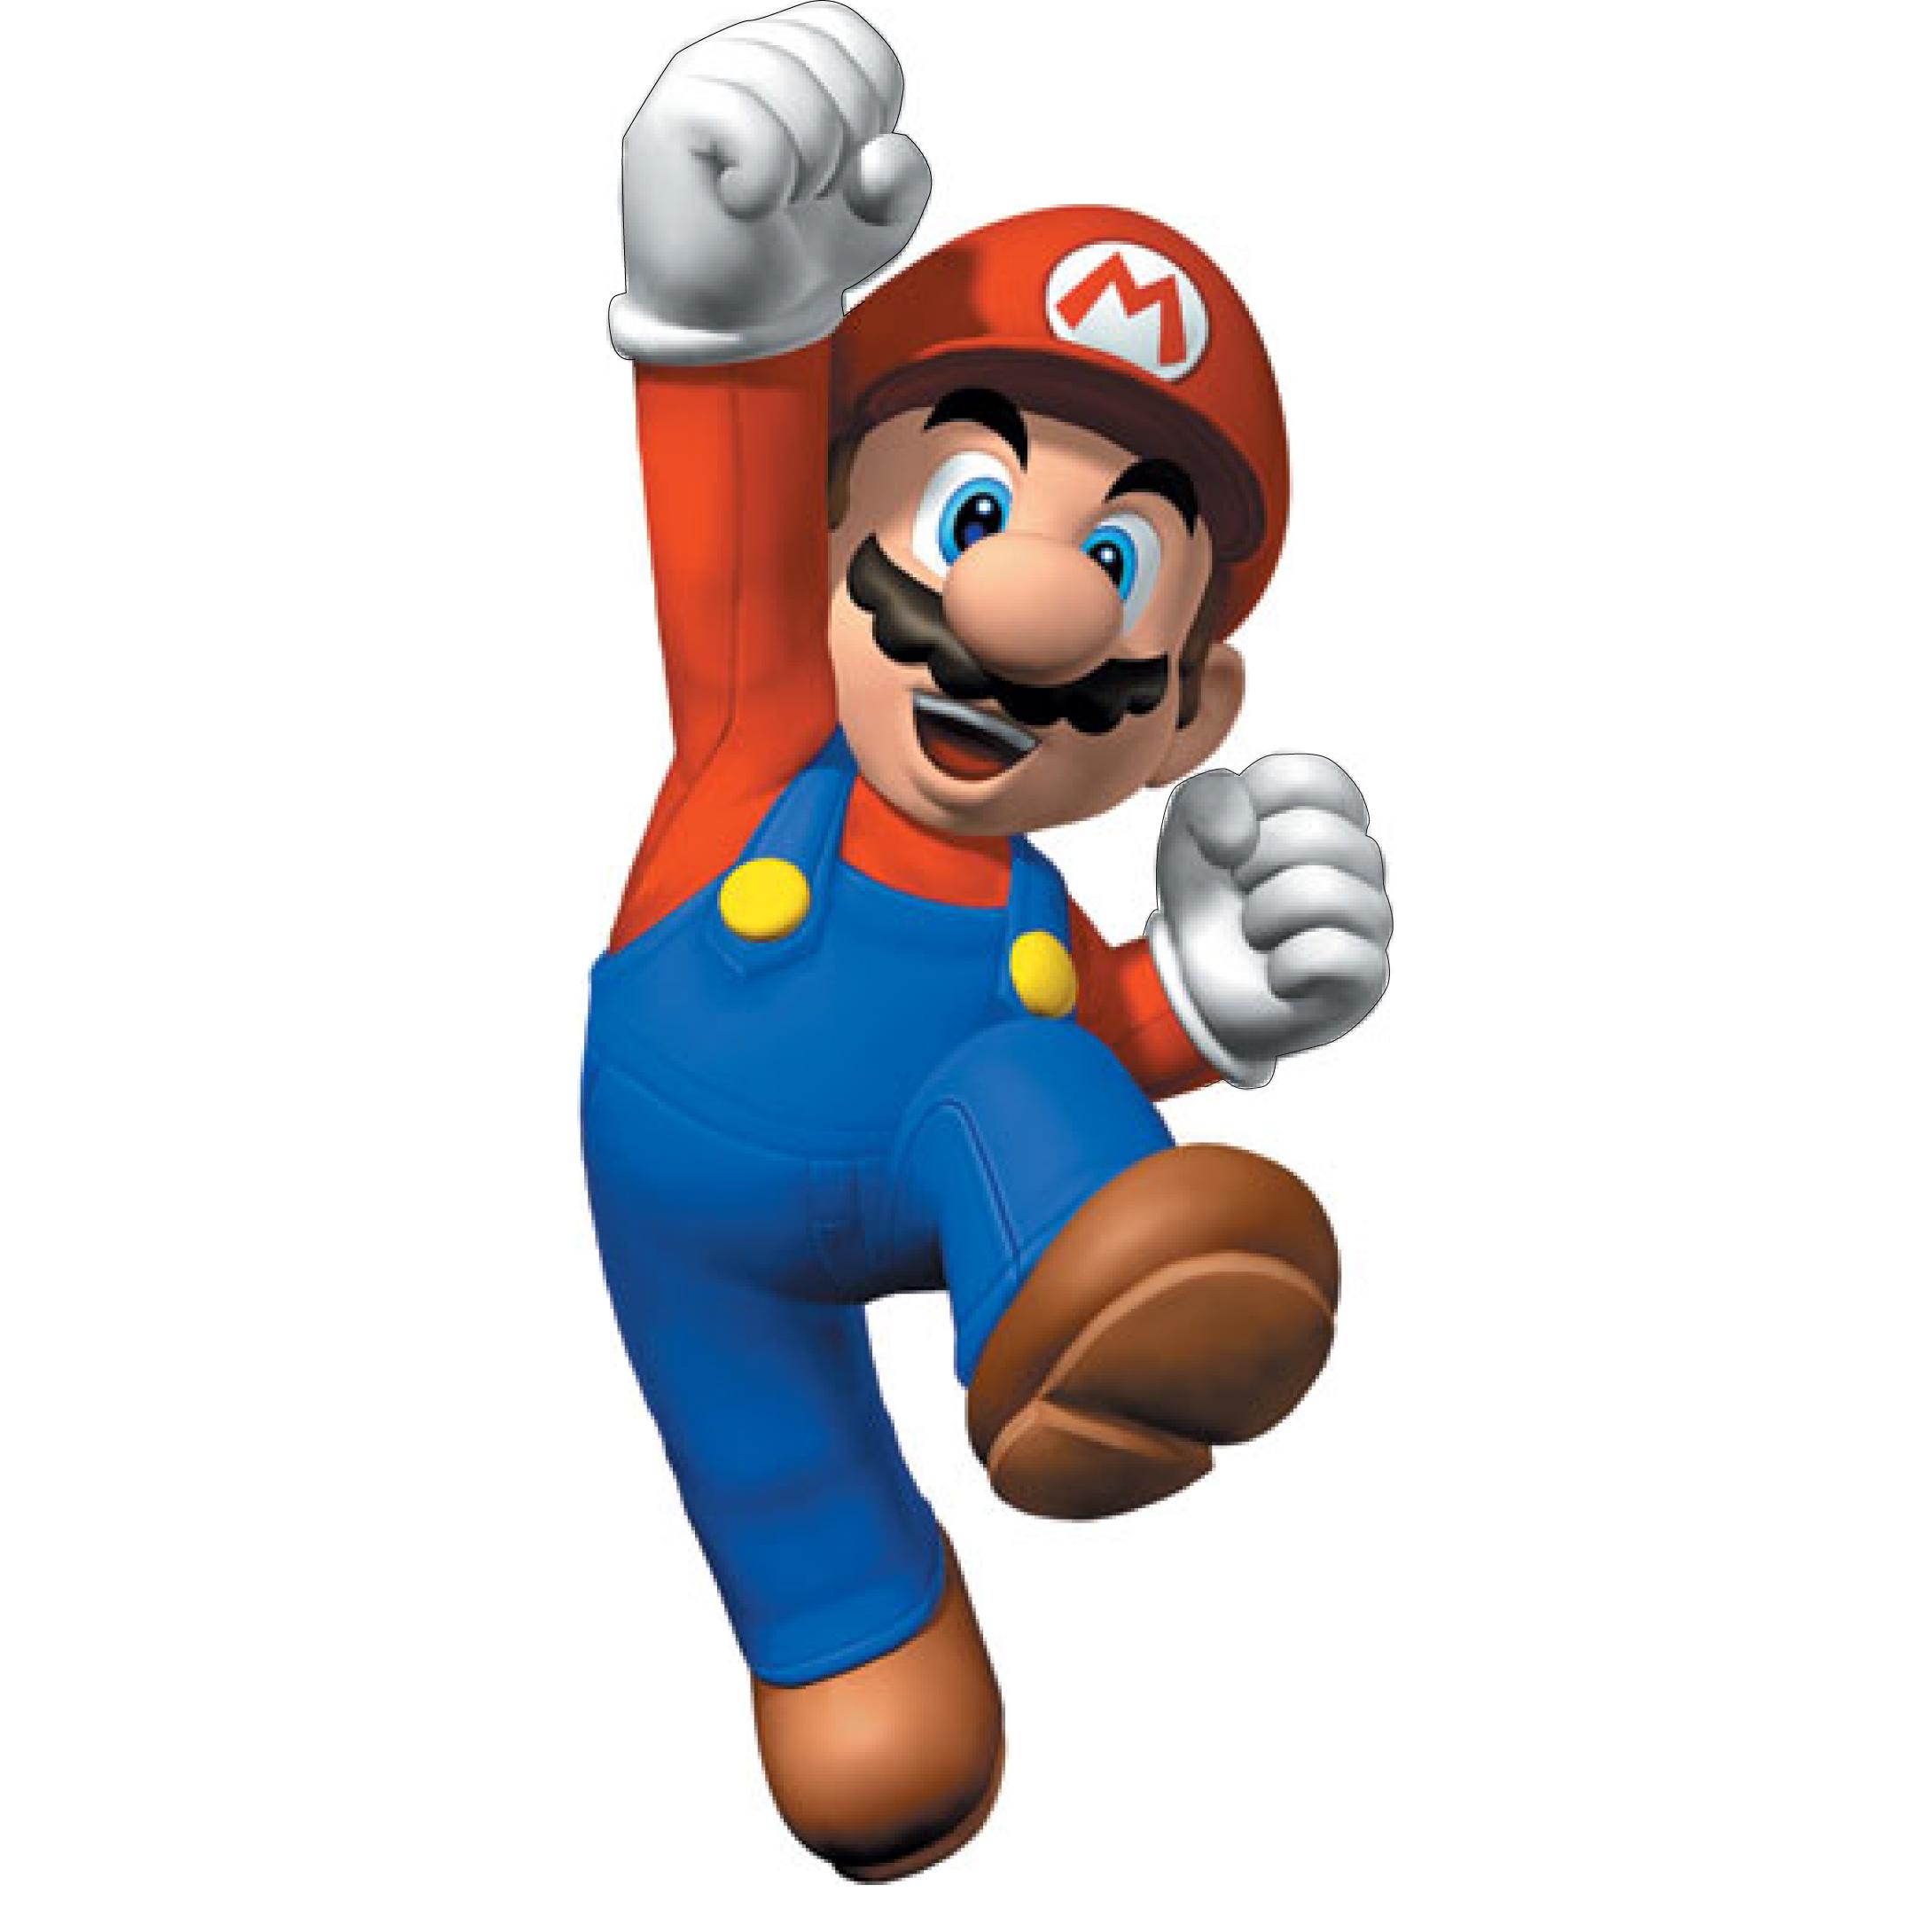 ... bleu, et avec une casquette rouge où l'on peut lire un M pour Mario